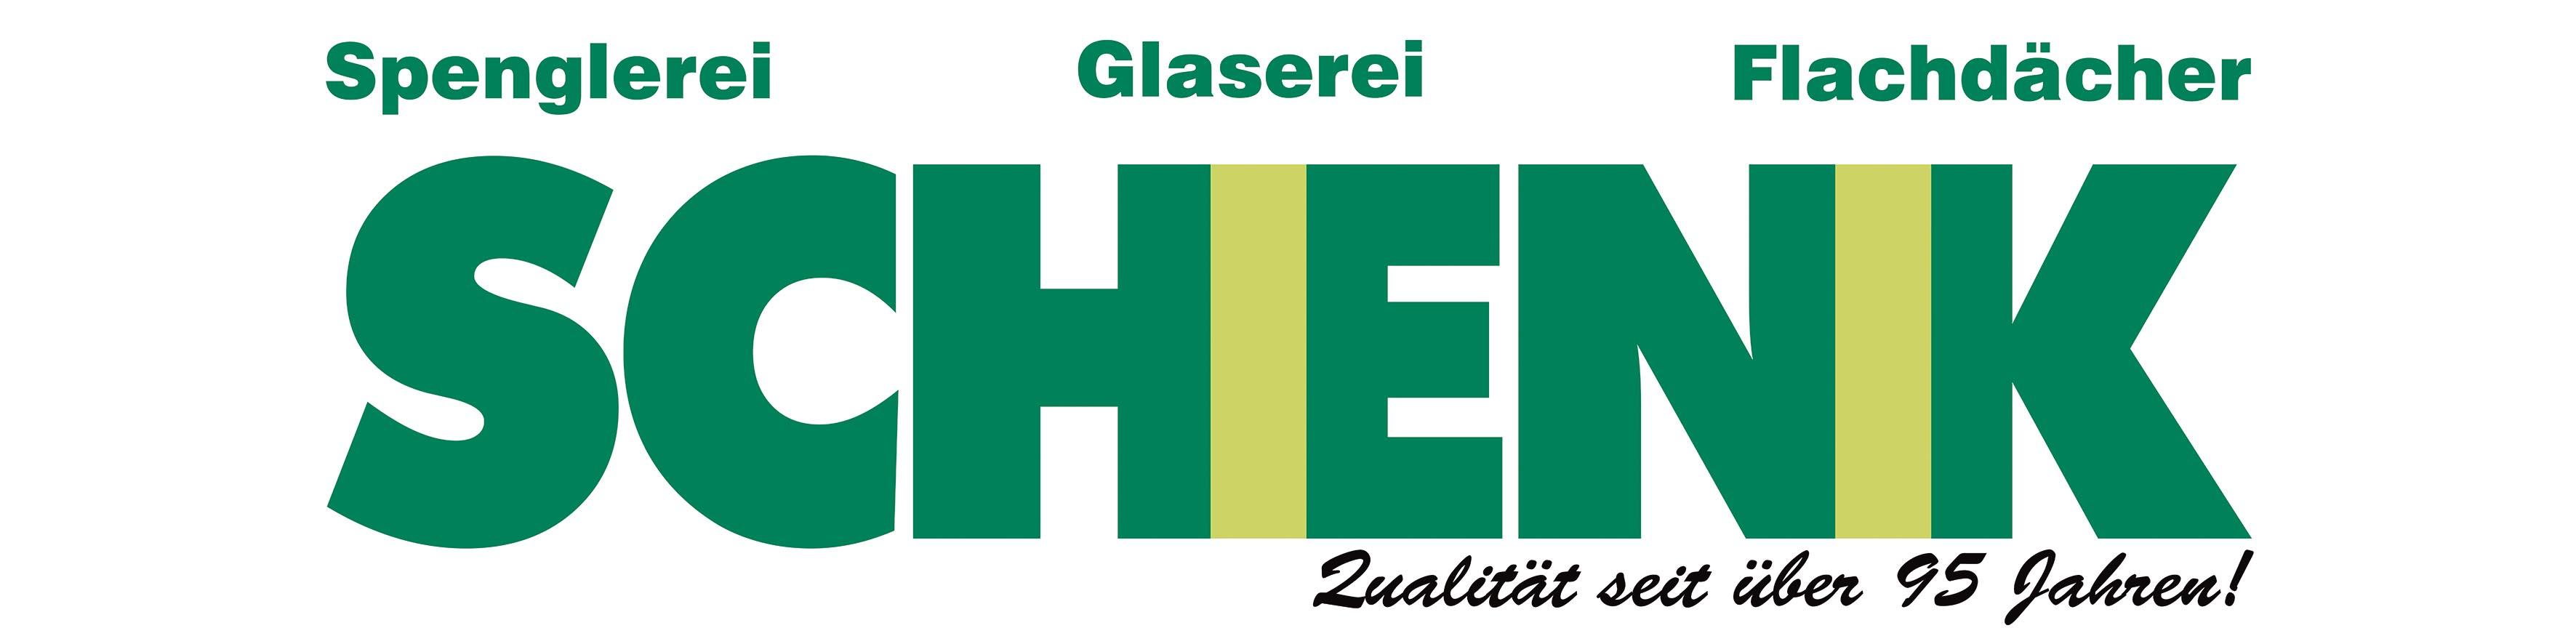 Logo Sponsor Schenk